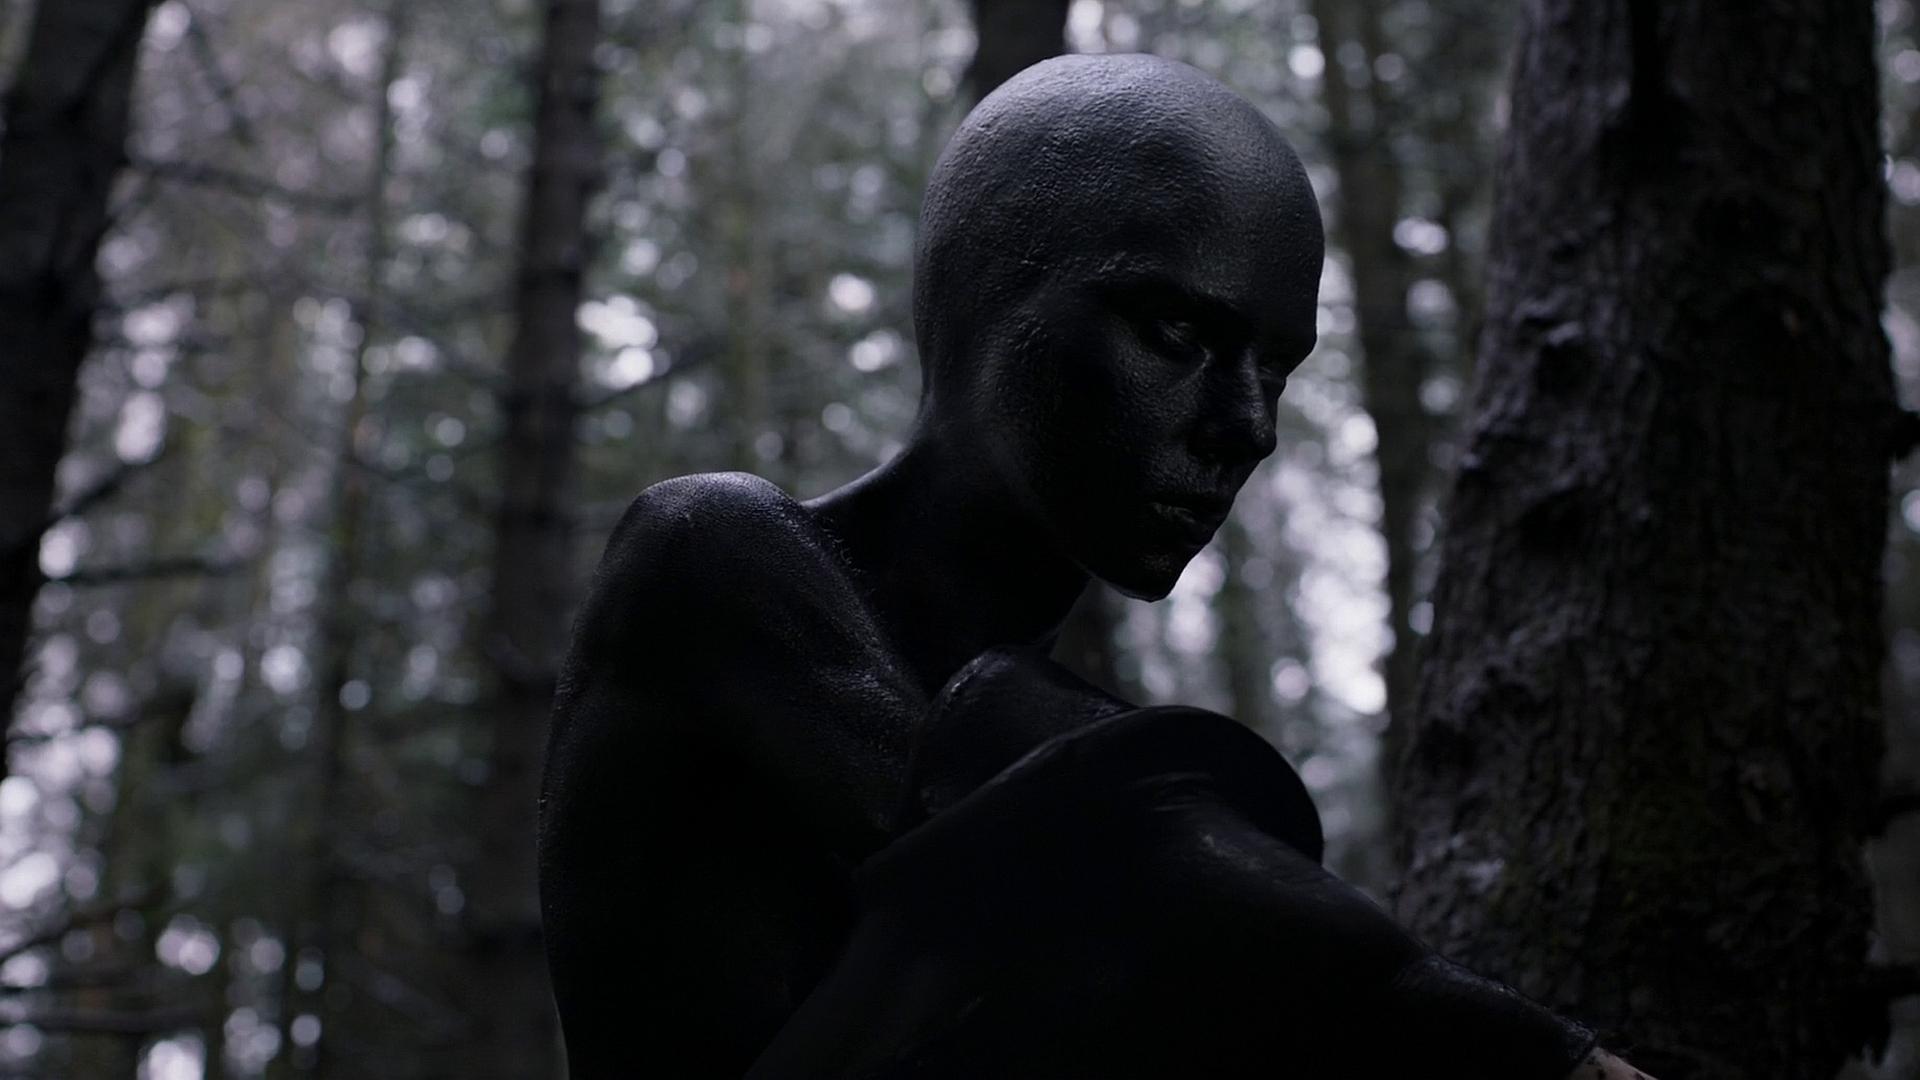 Download of 3gp videos of black skin  naked scenes